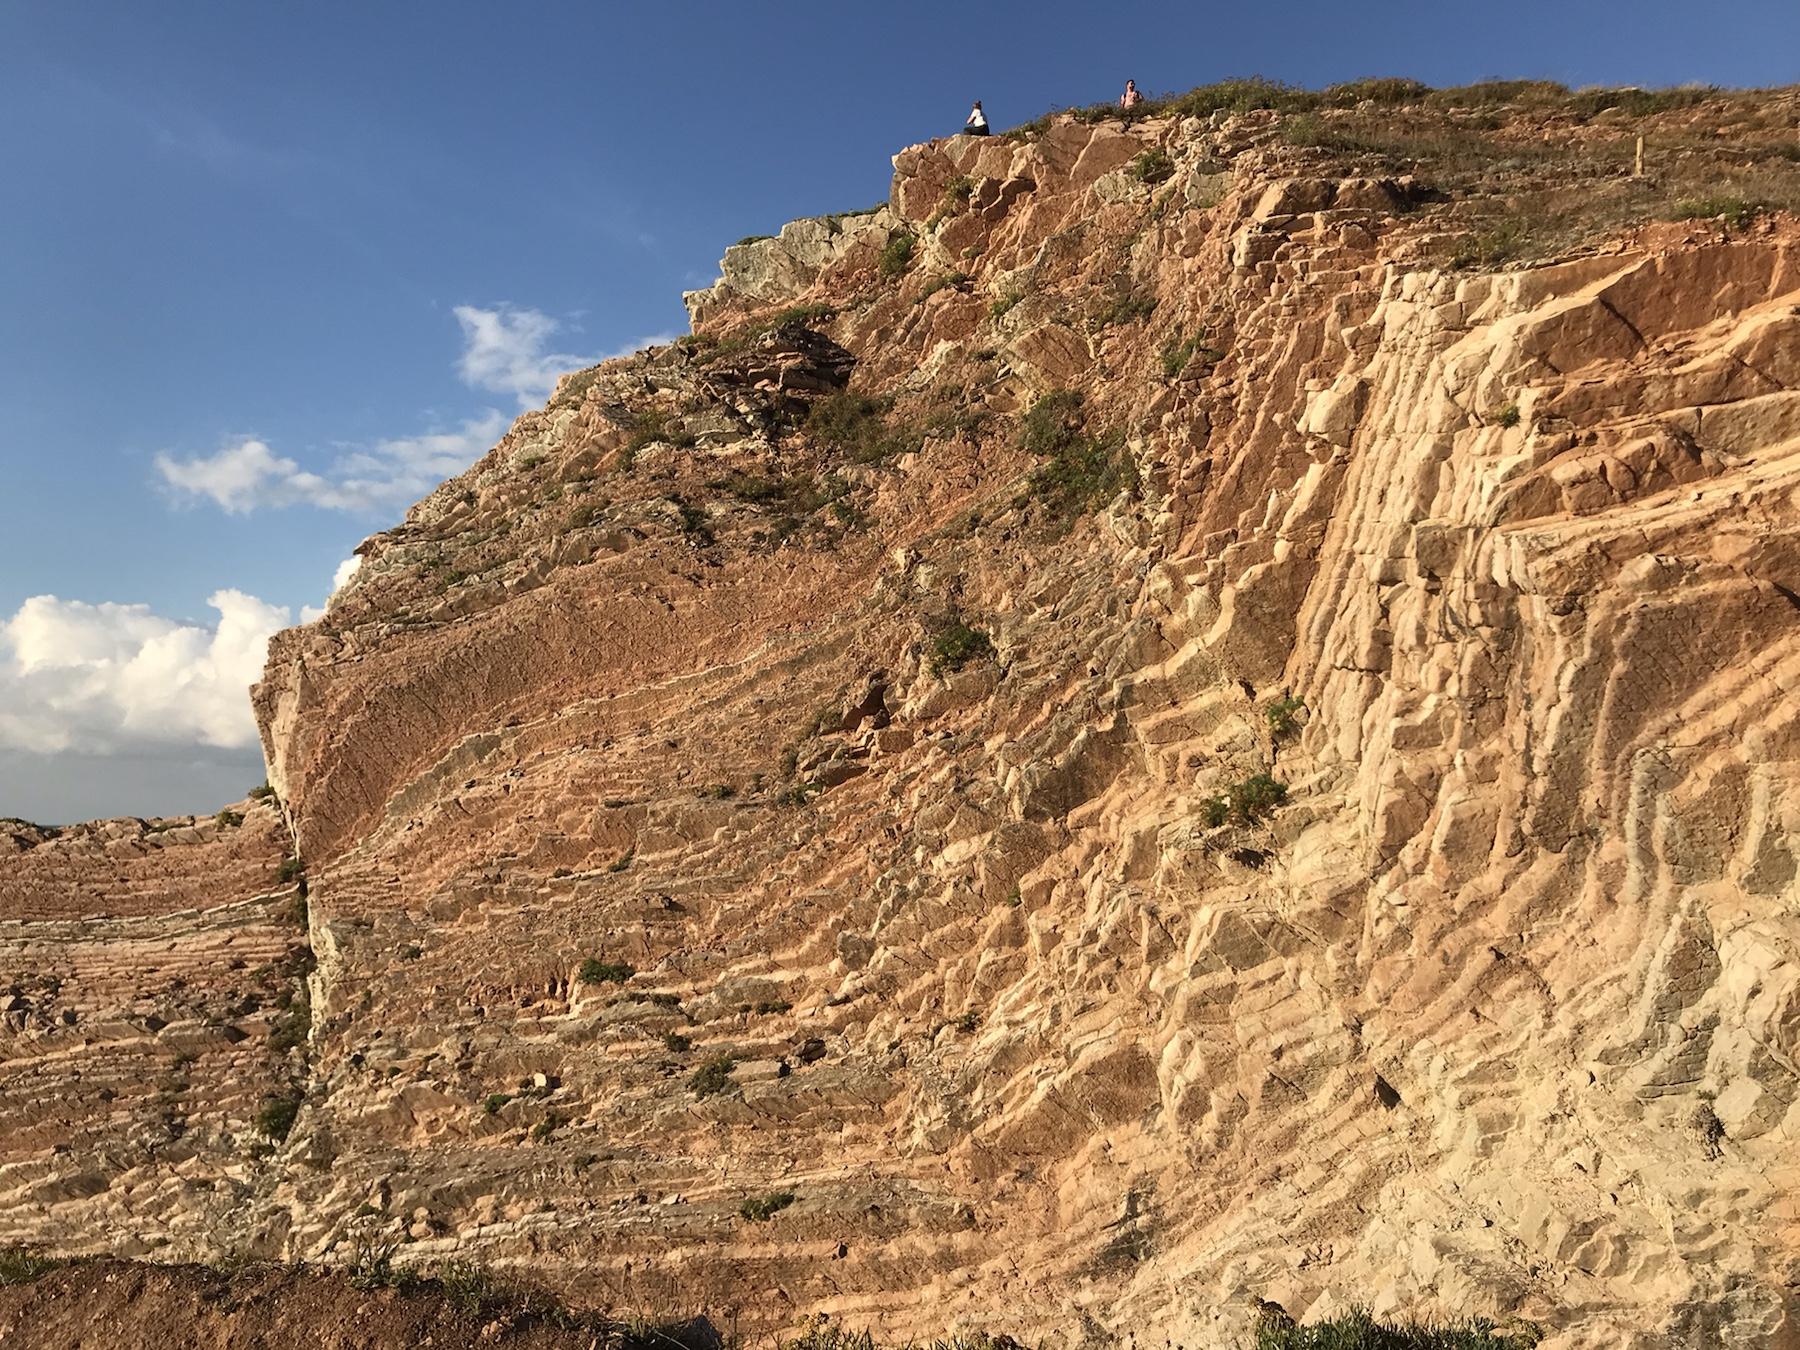 Flysch von Zumaia, Camino del Norte, Kategorie Landschaft #fopanet Fotoparade